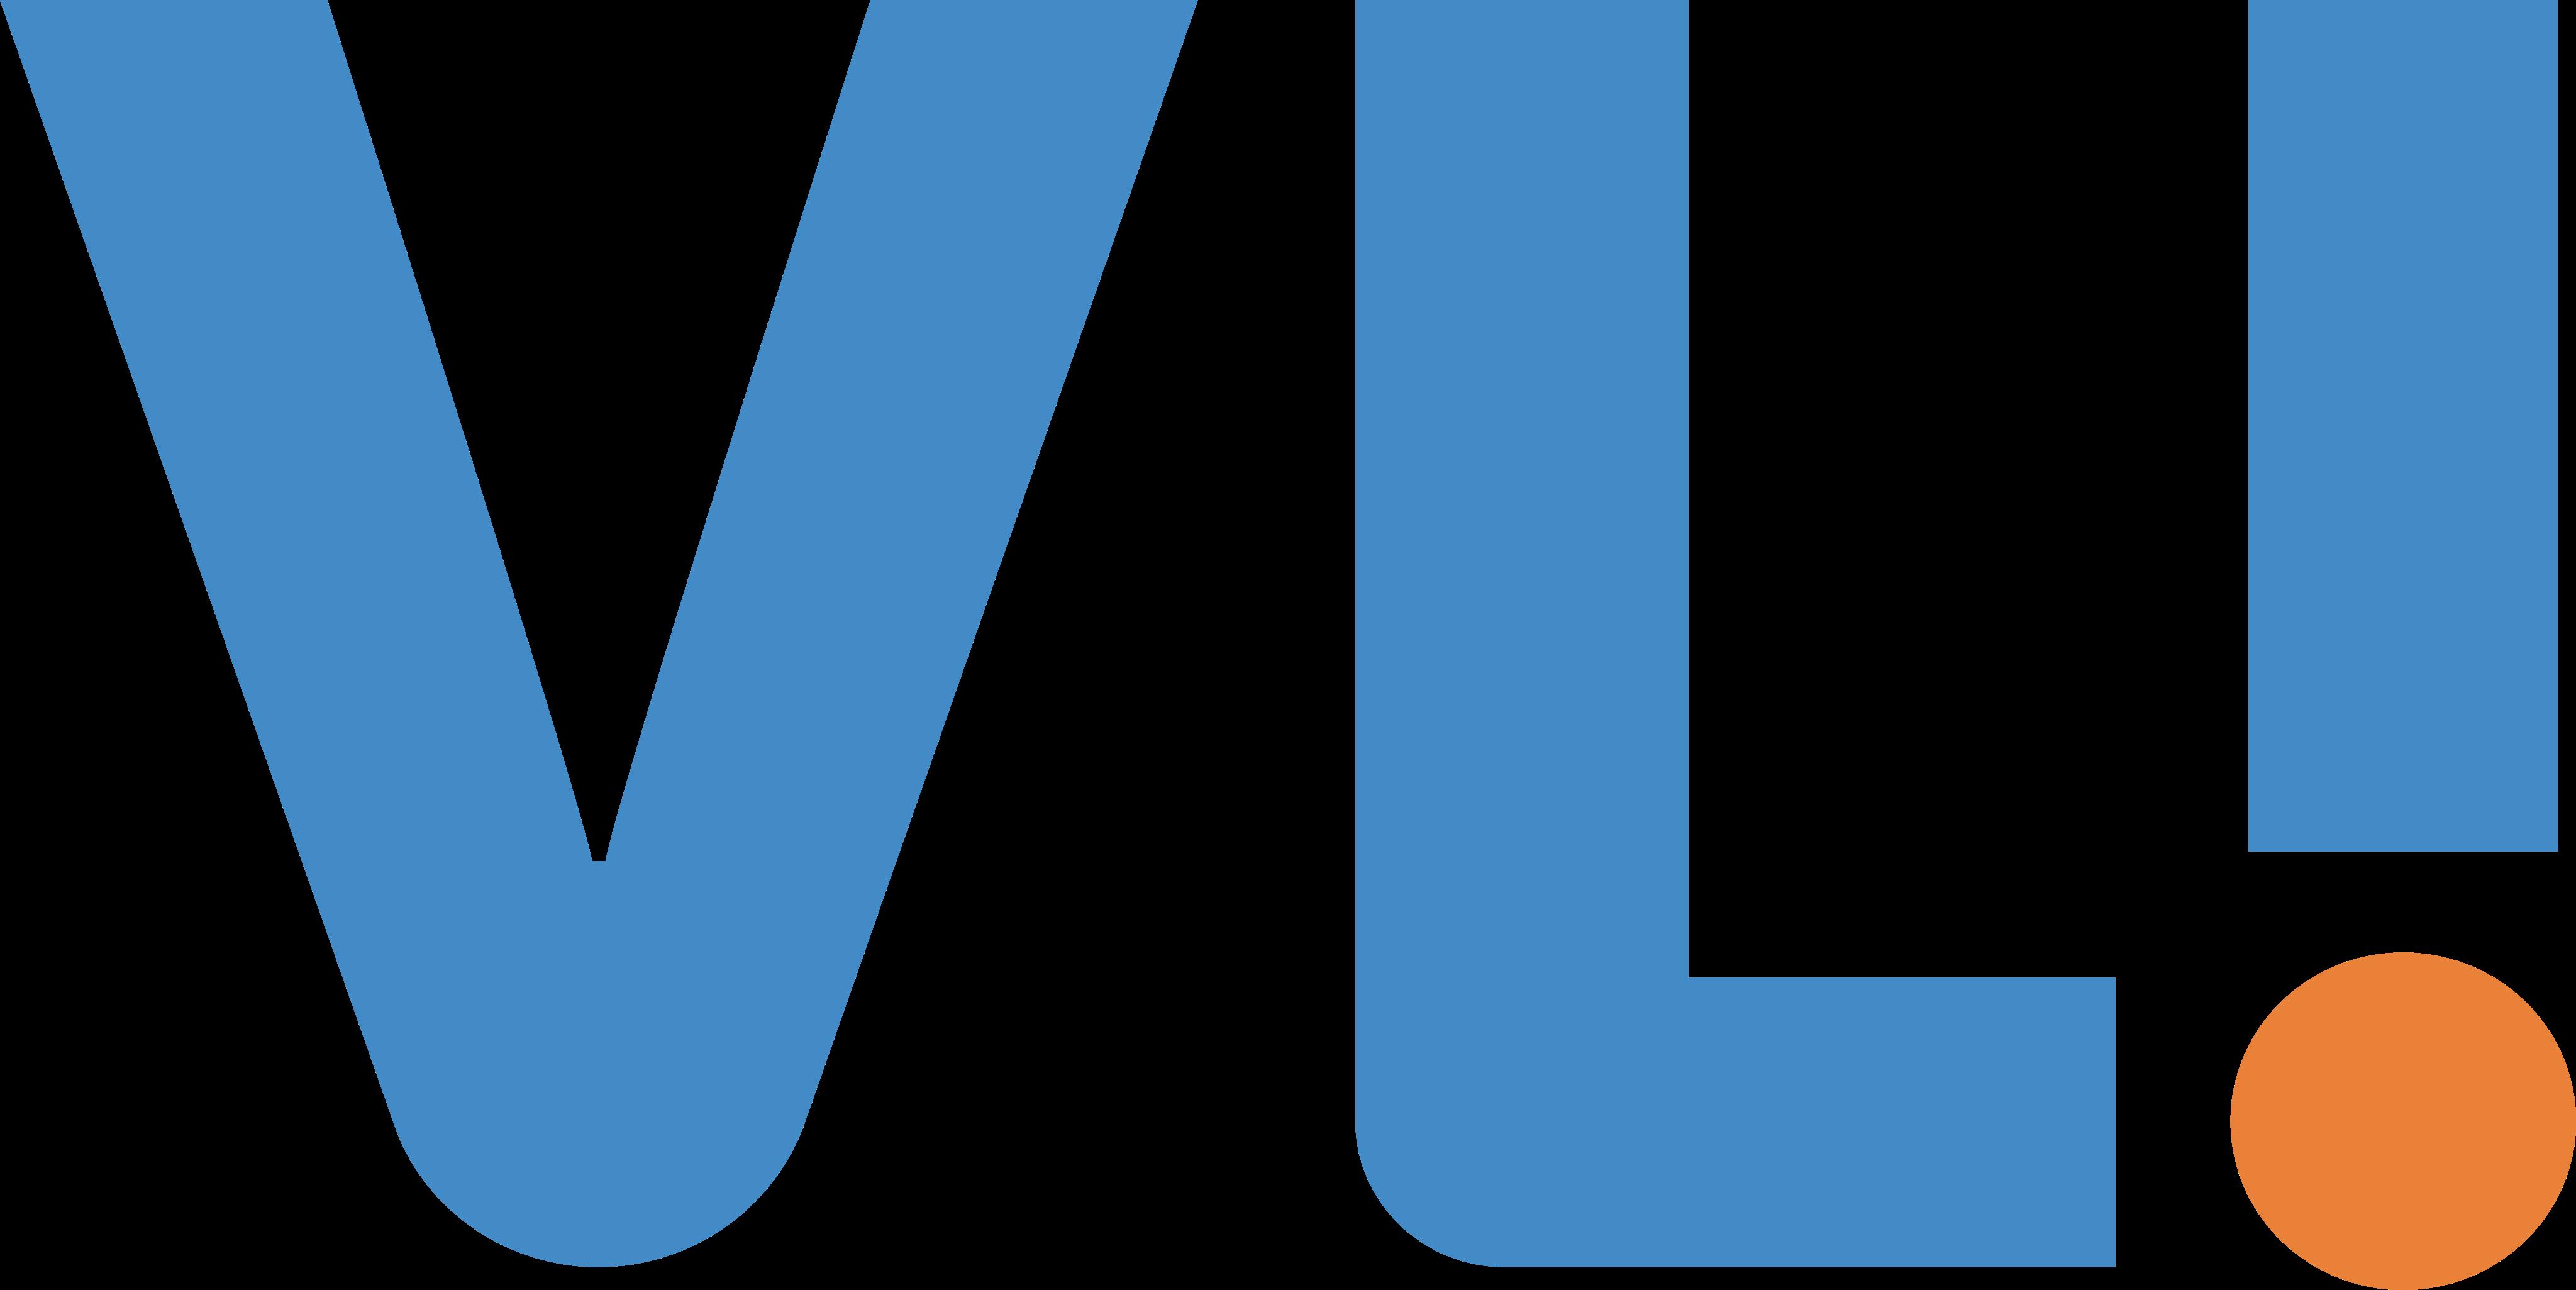 vli logistica logo 1 - VLI Logística Logo